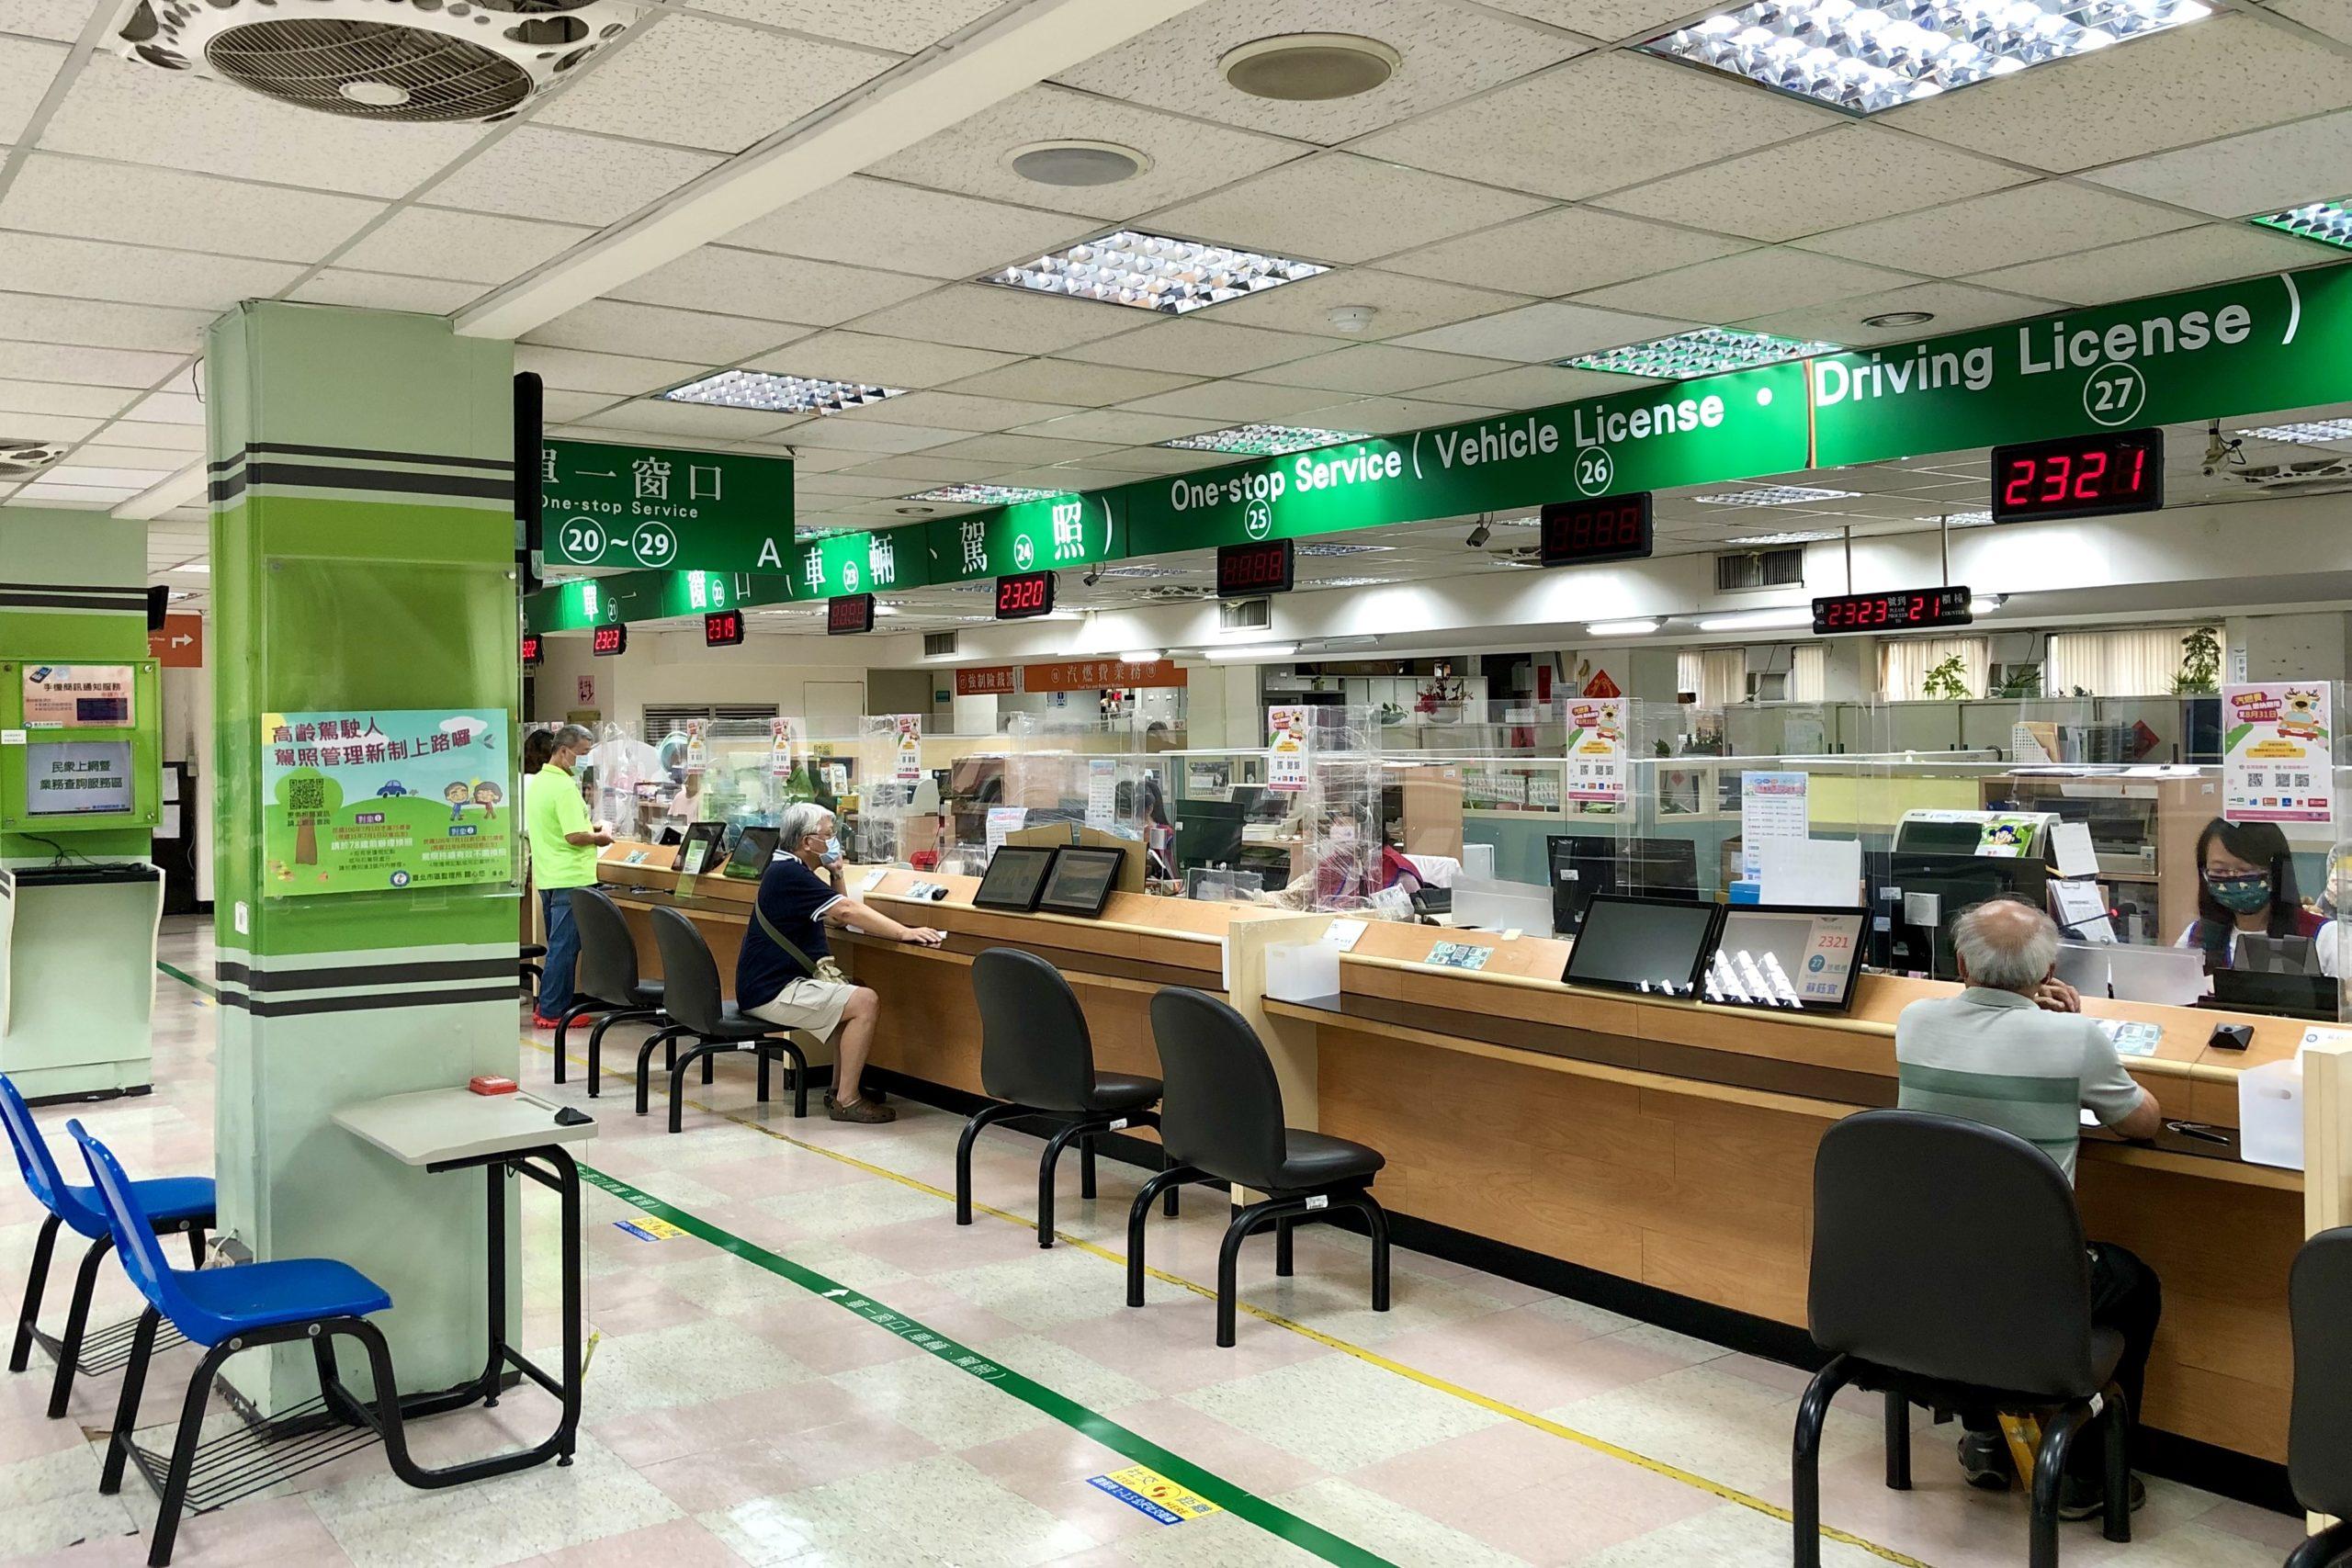 台湾で日本の運転免許証を切り替える方法【1日で完了】